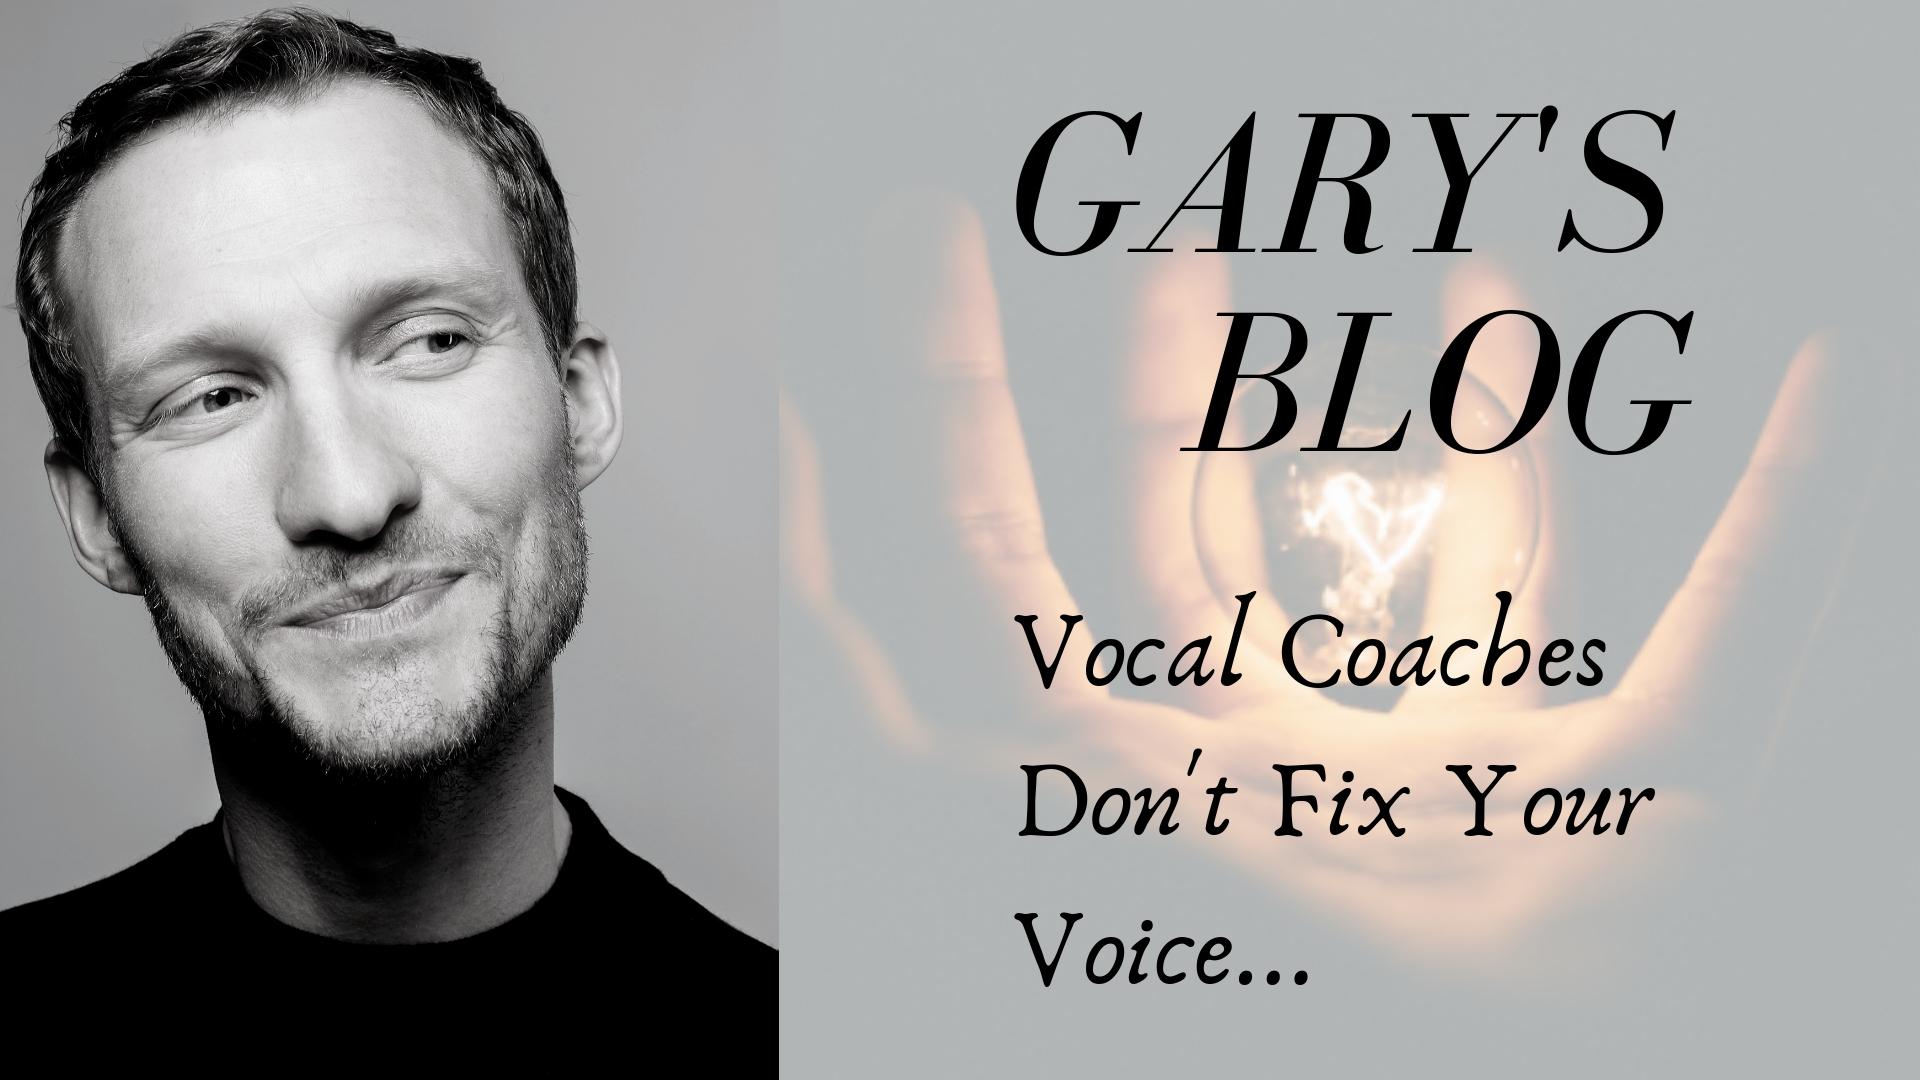 Garys Blog (2).jpg